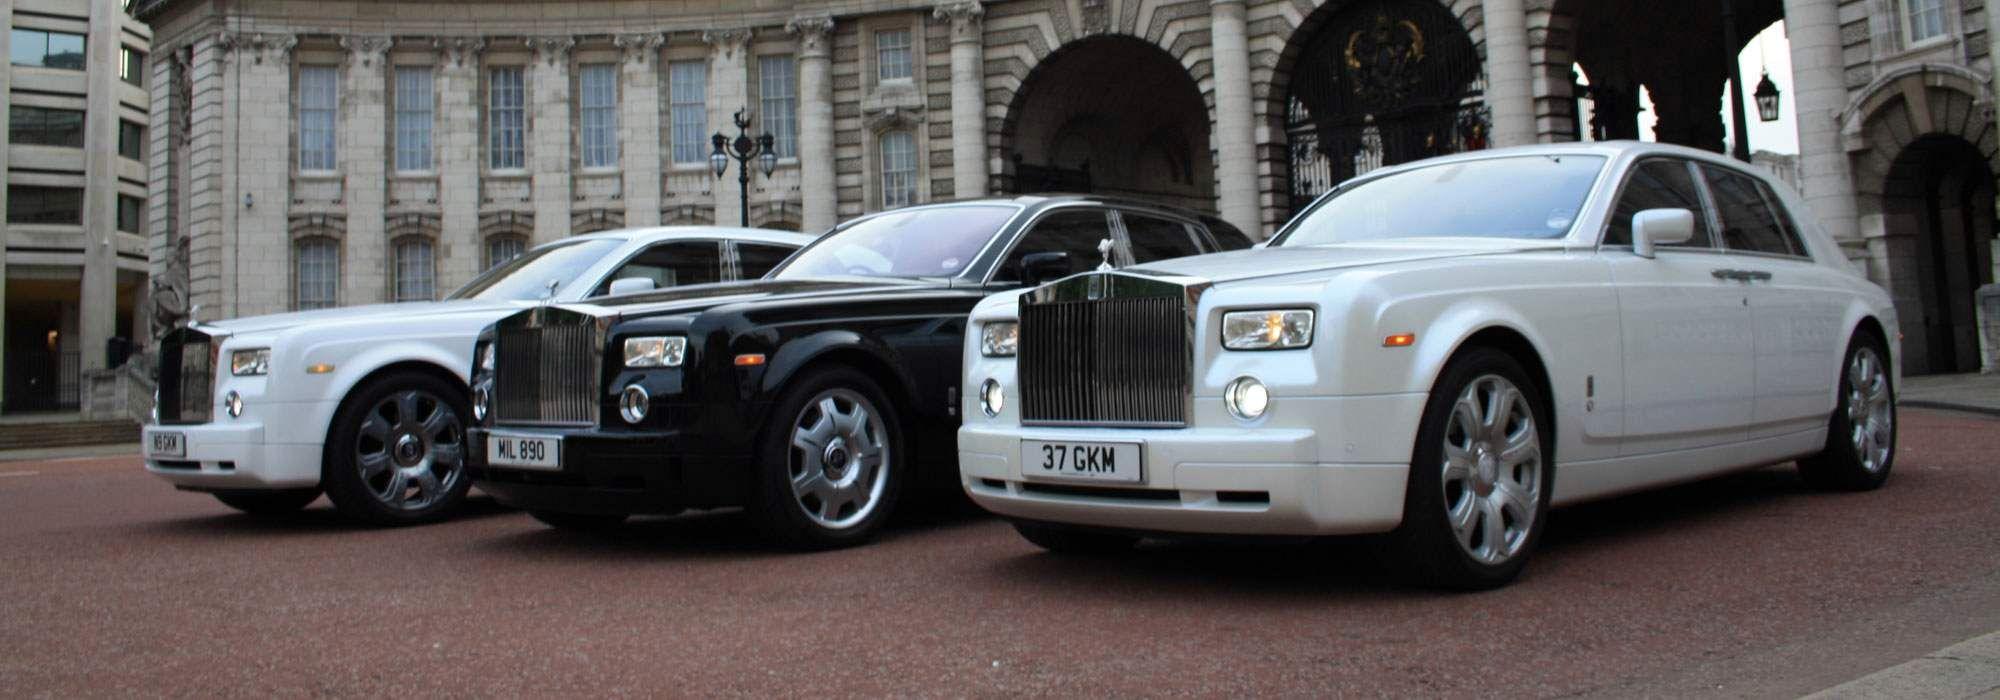 Un large choix de modèles de Limousines